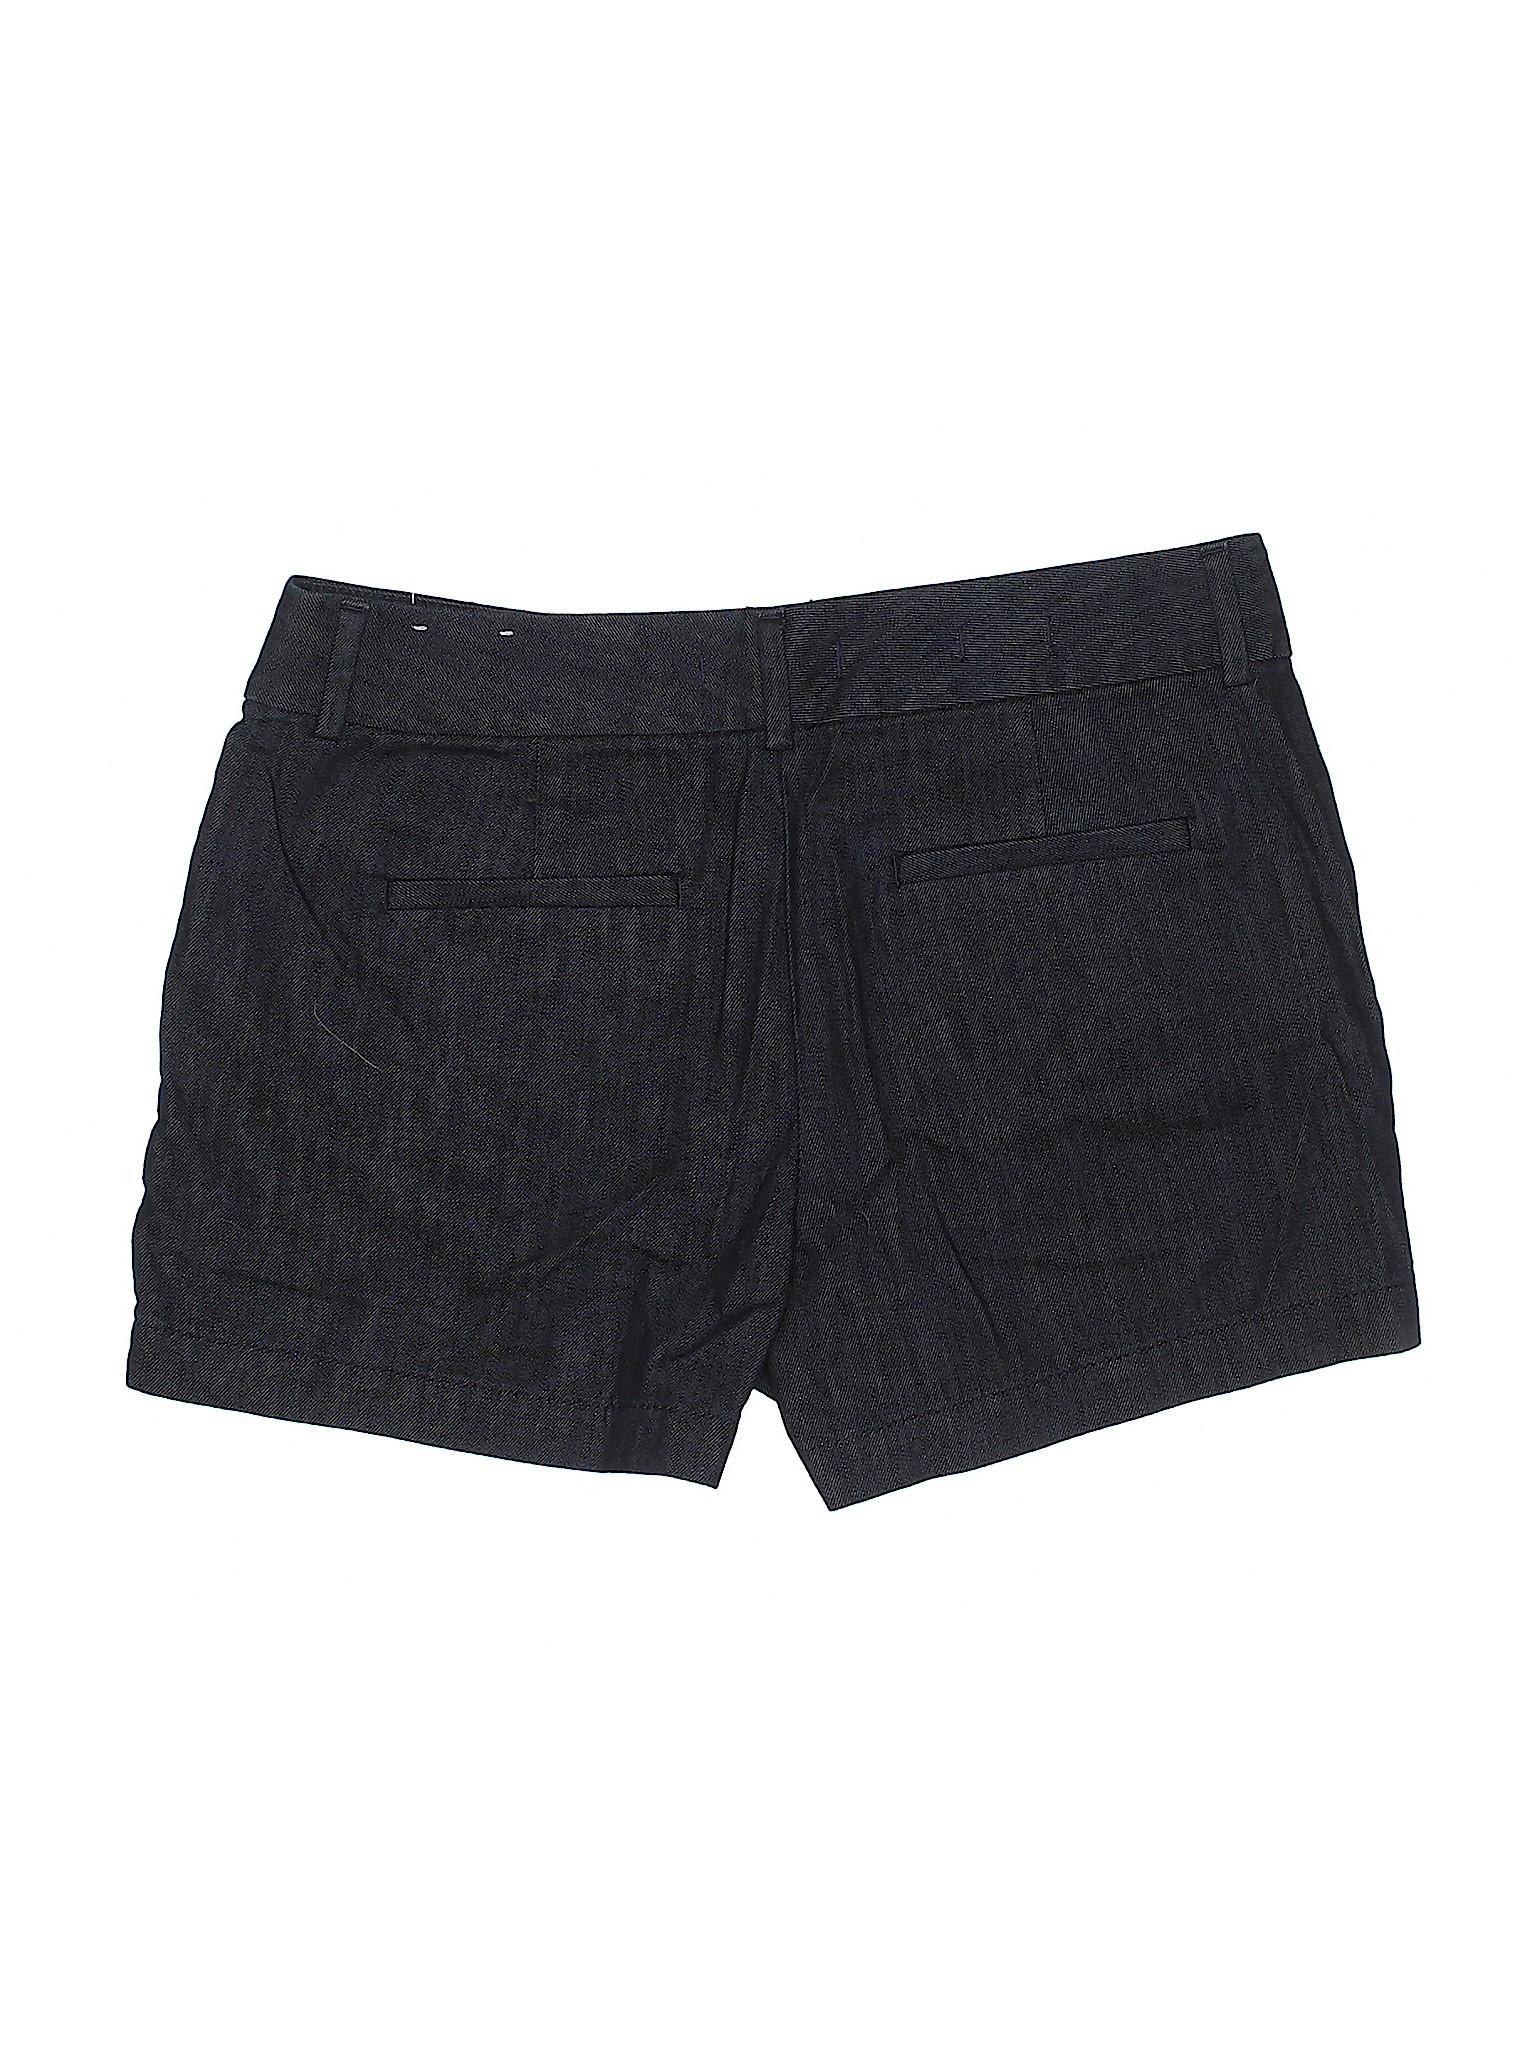 Boutique Shorts Denim Taylor Ann LOFT yyzrwqg8Y